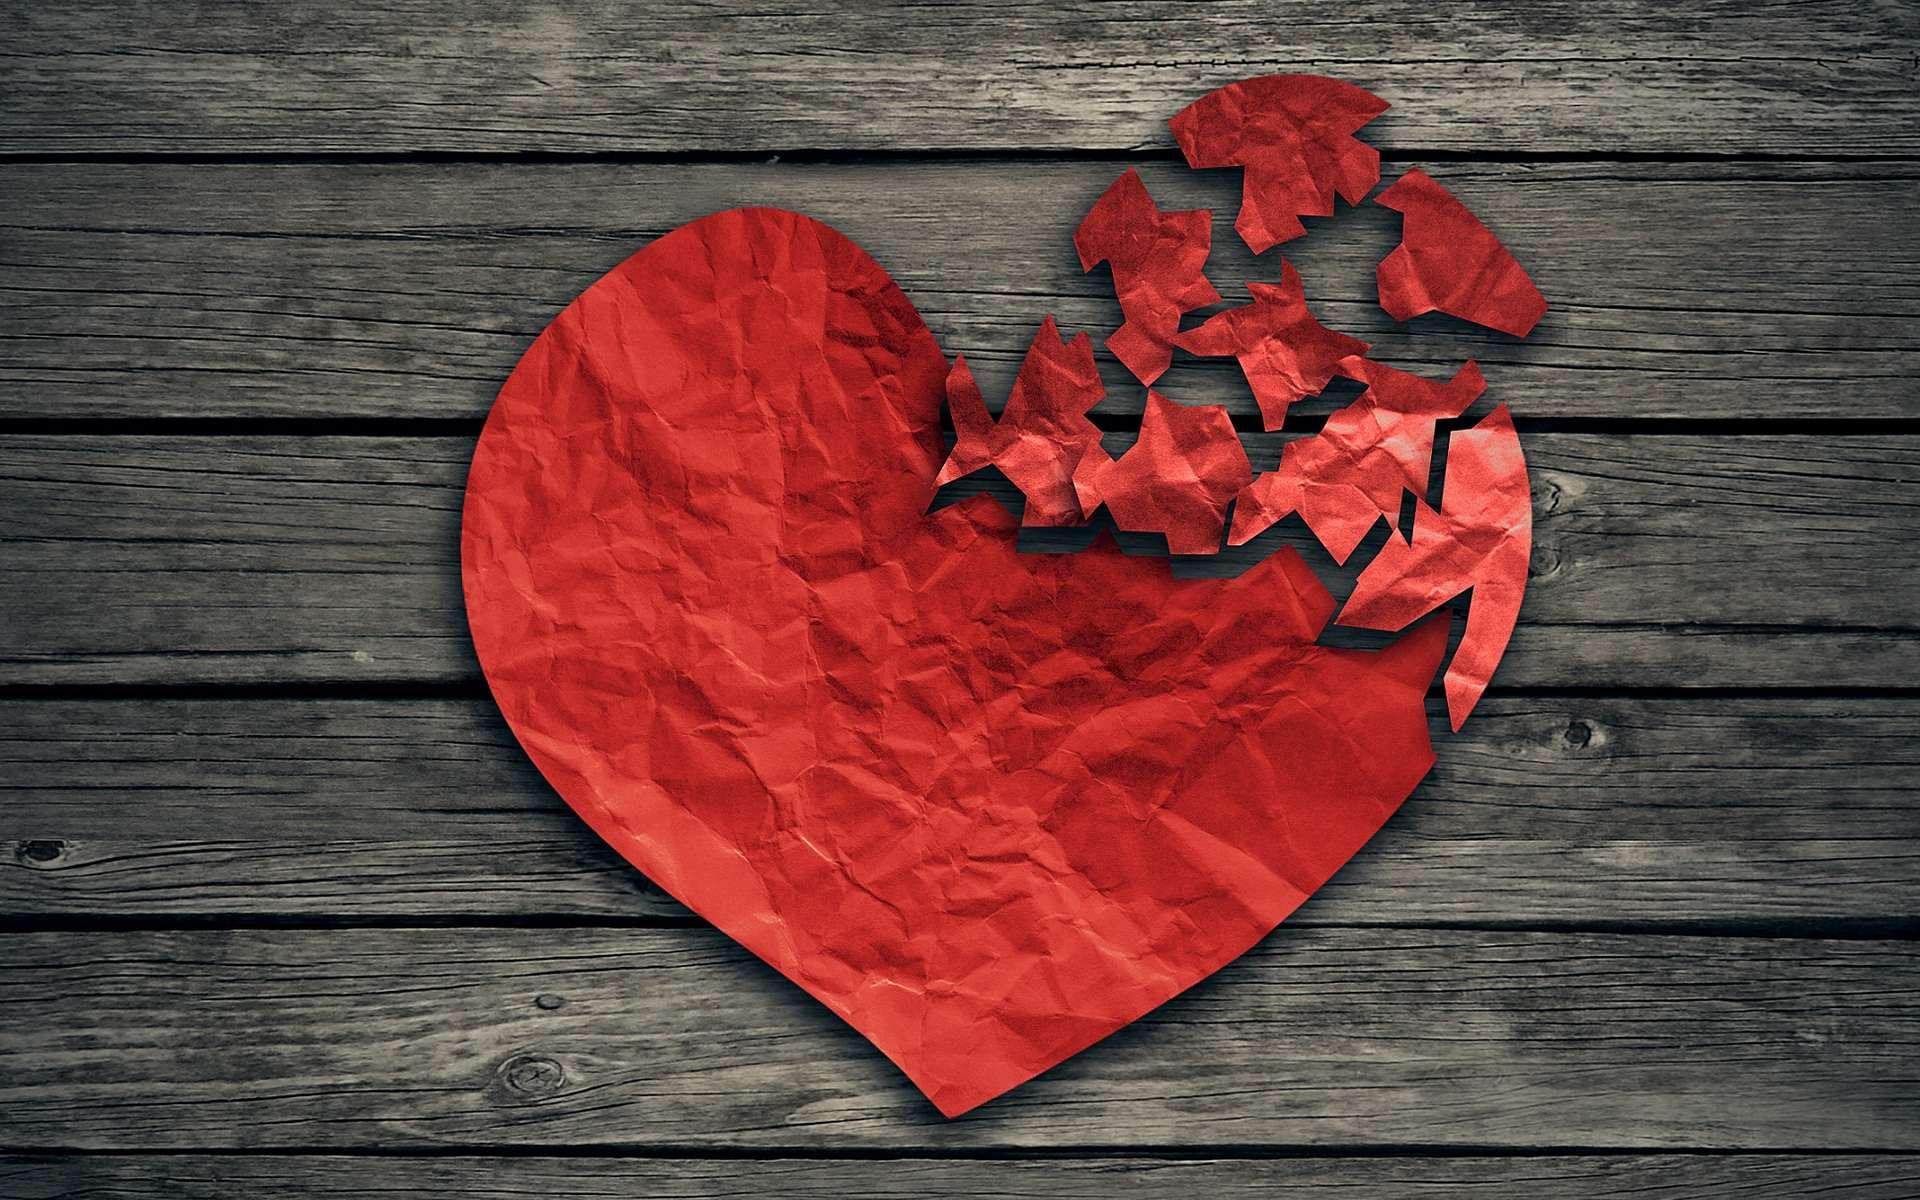 Une émotion heureuse trop forte peut aussi malmener le cœur... © pathdoc, Shutterstock